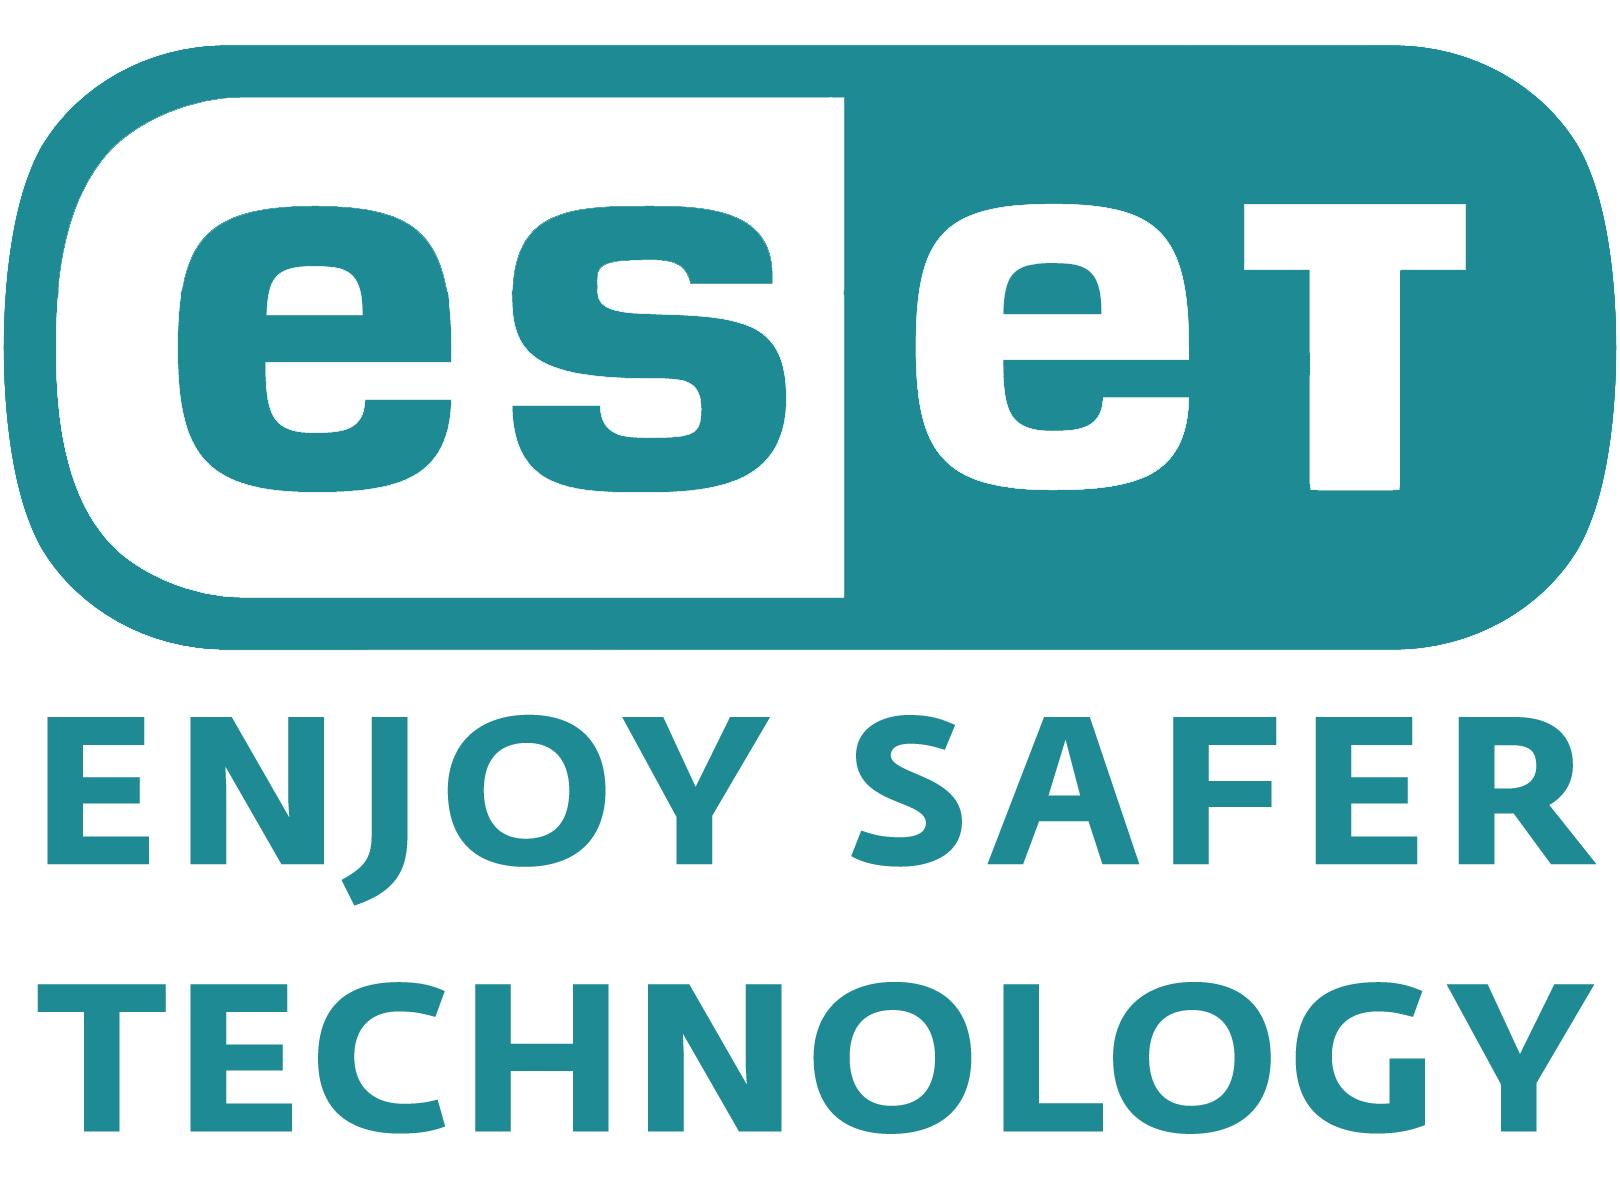 Logiciel anti-virus Eset Internet Security 2020 - licence d'un an, un appareil (dématérialisé) - Eset.com